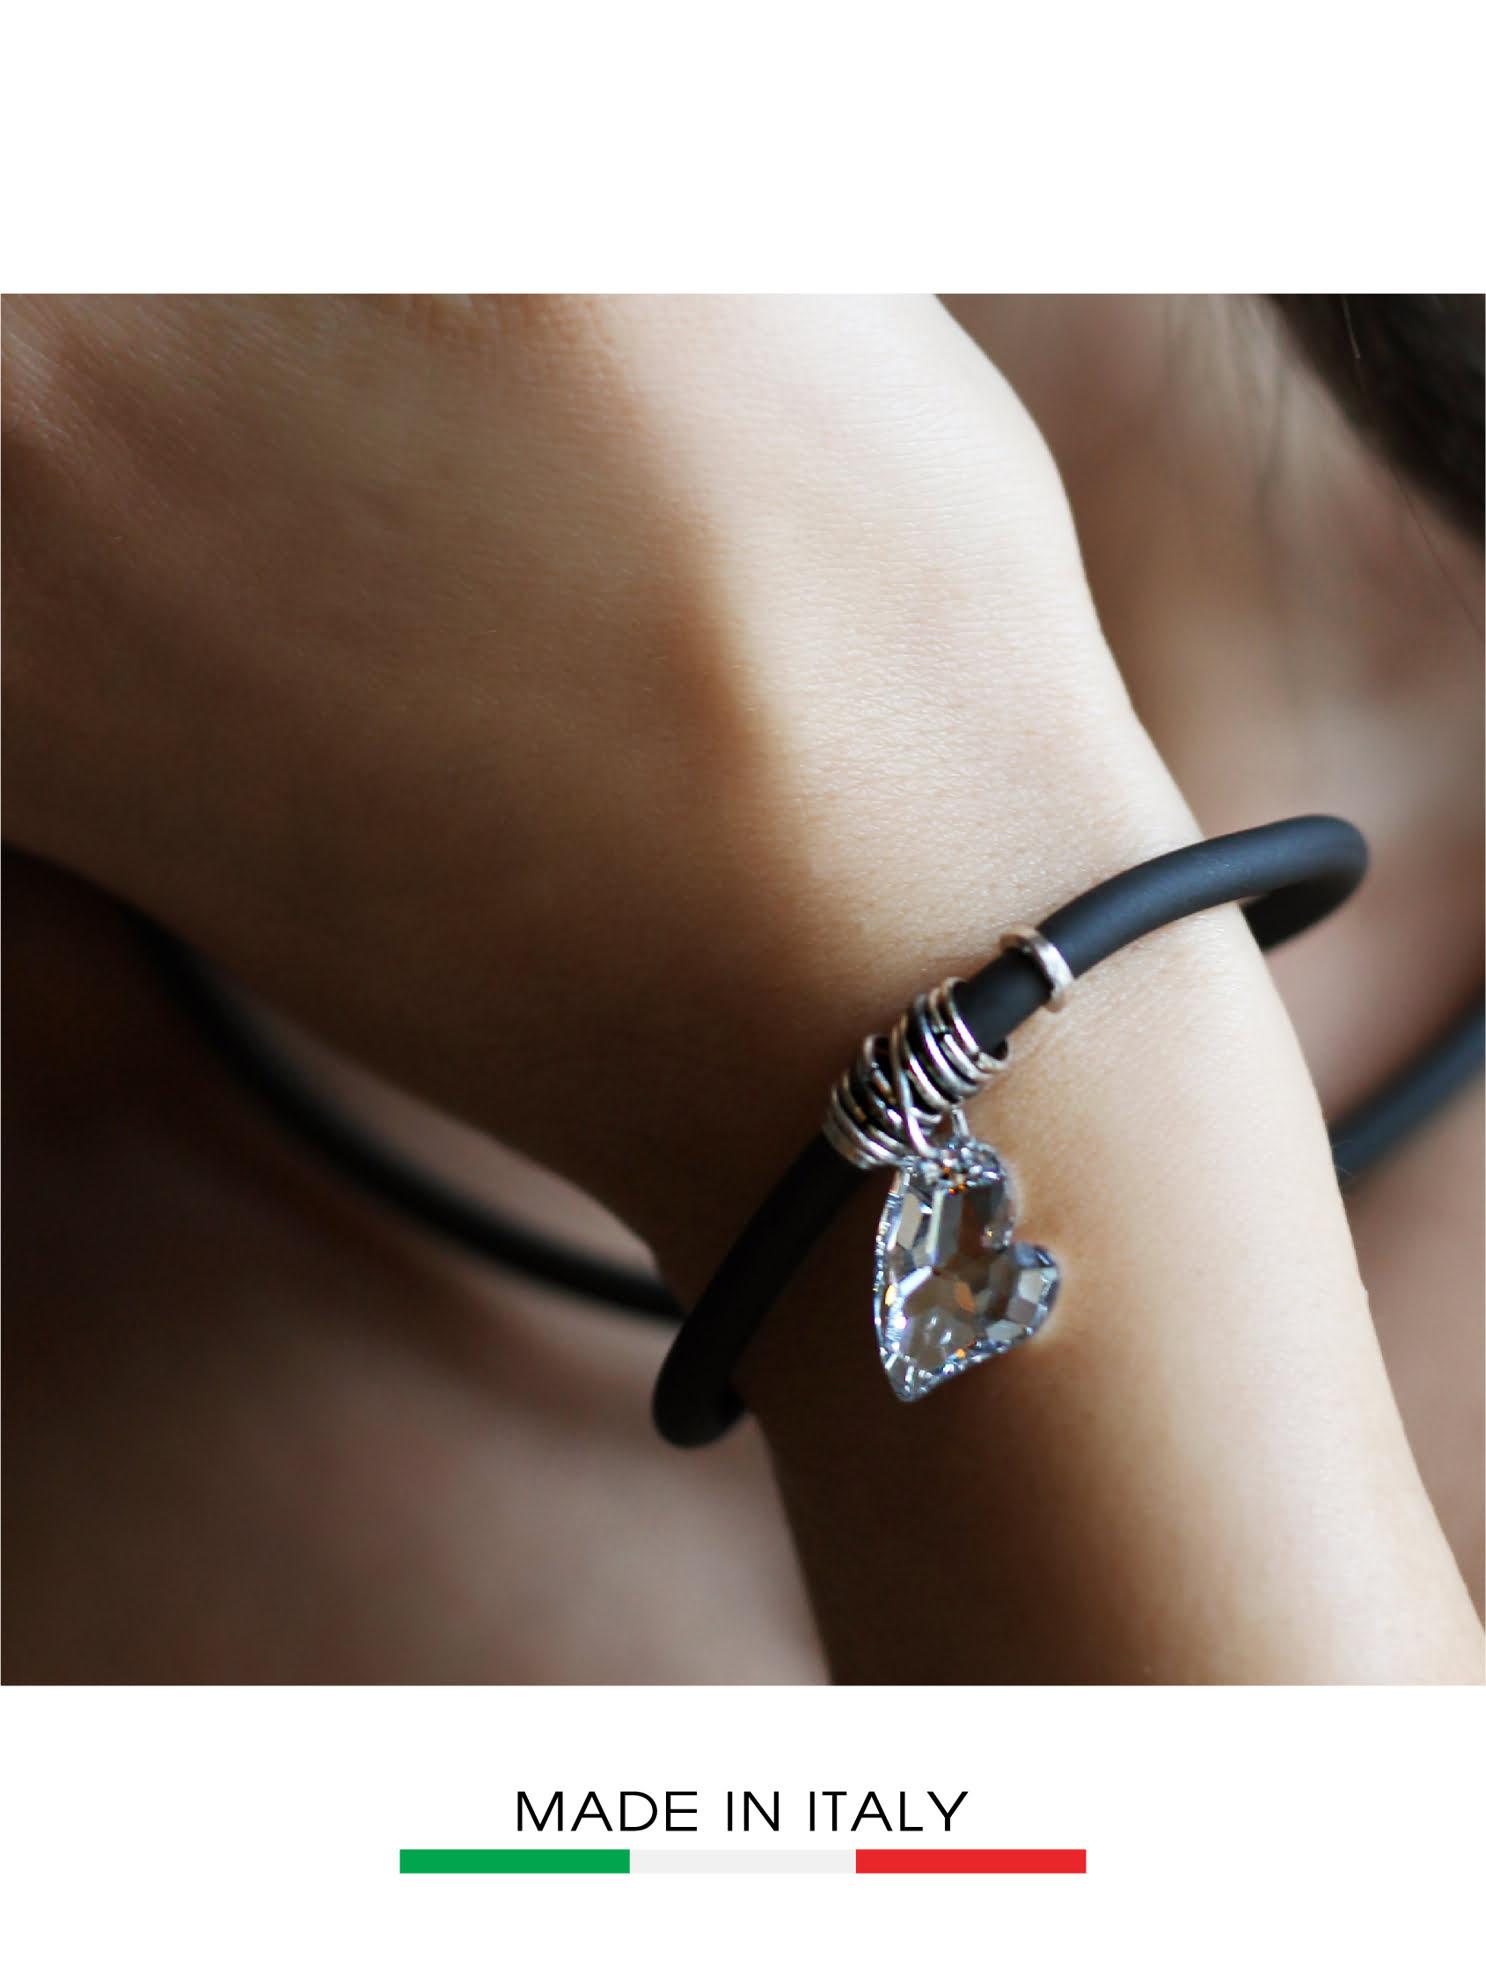 Vòng đeo tay Debora mặt đá Swarovski hình trái tim 23428